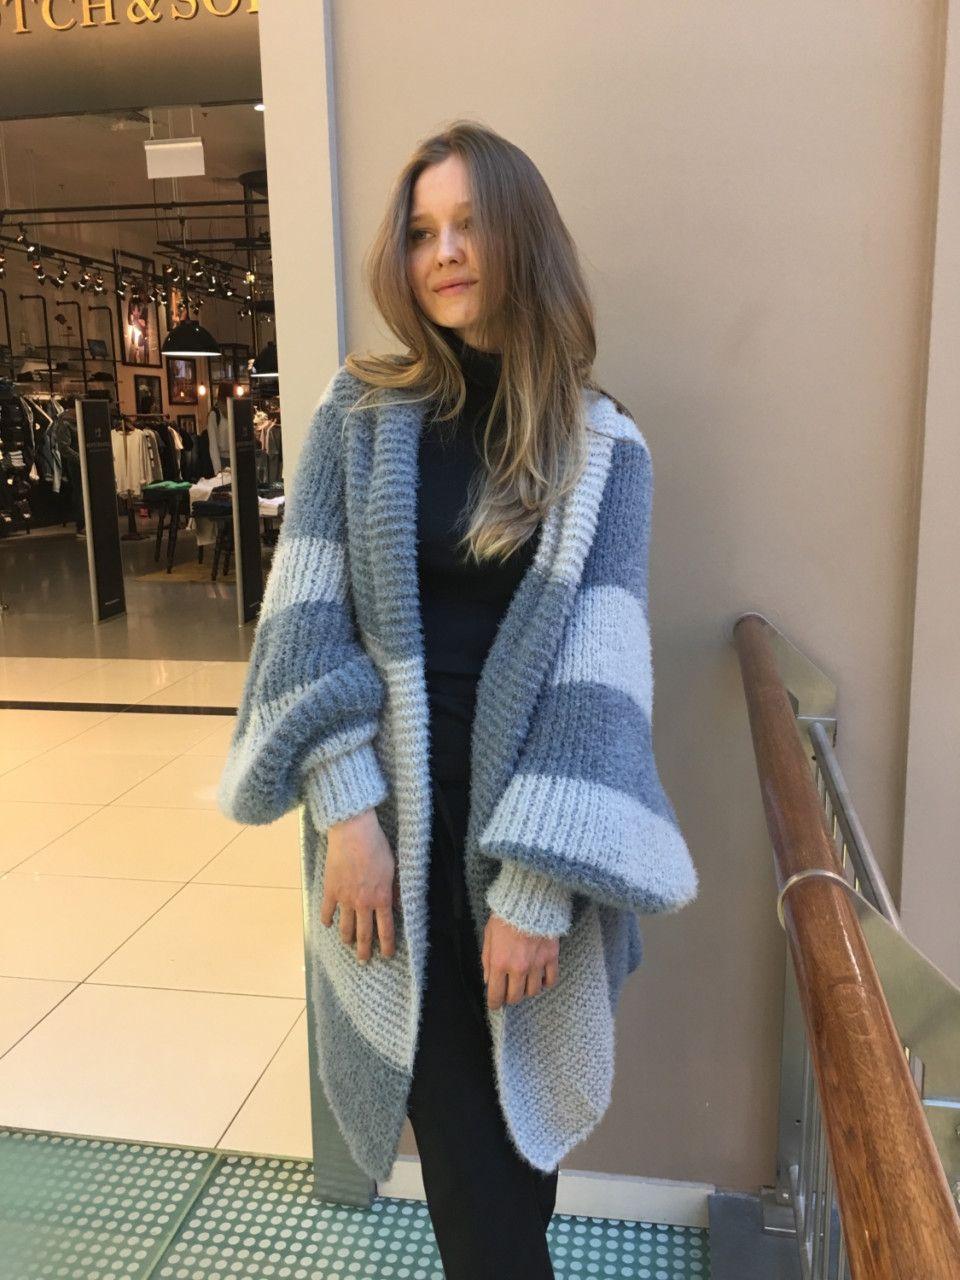 Работа девушка модель для магазина одежды девушка на работе читать